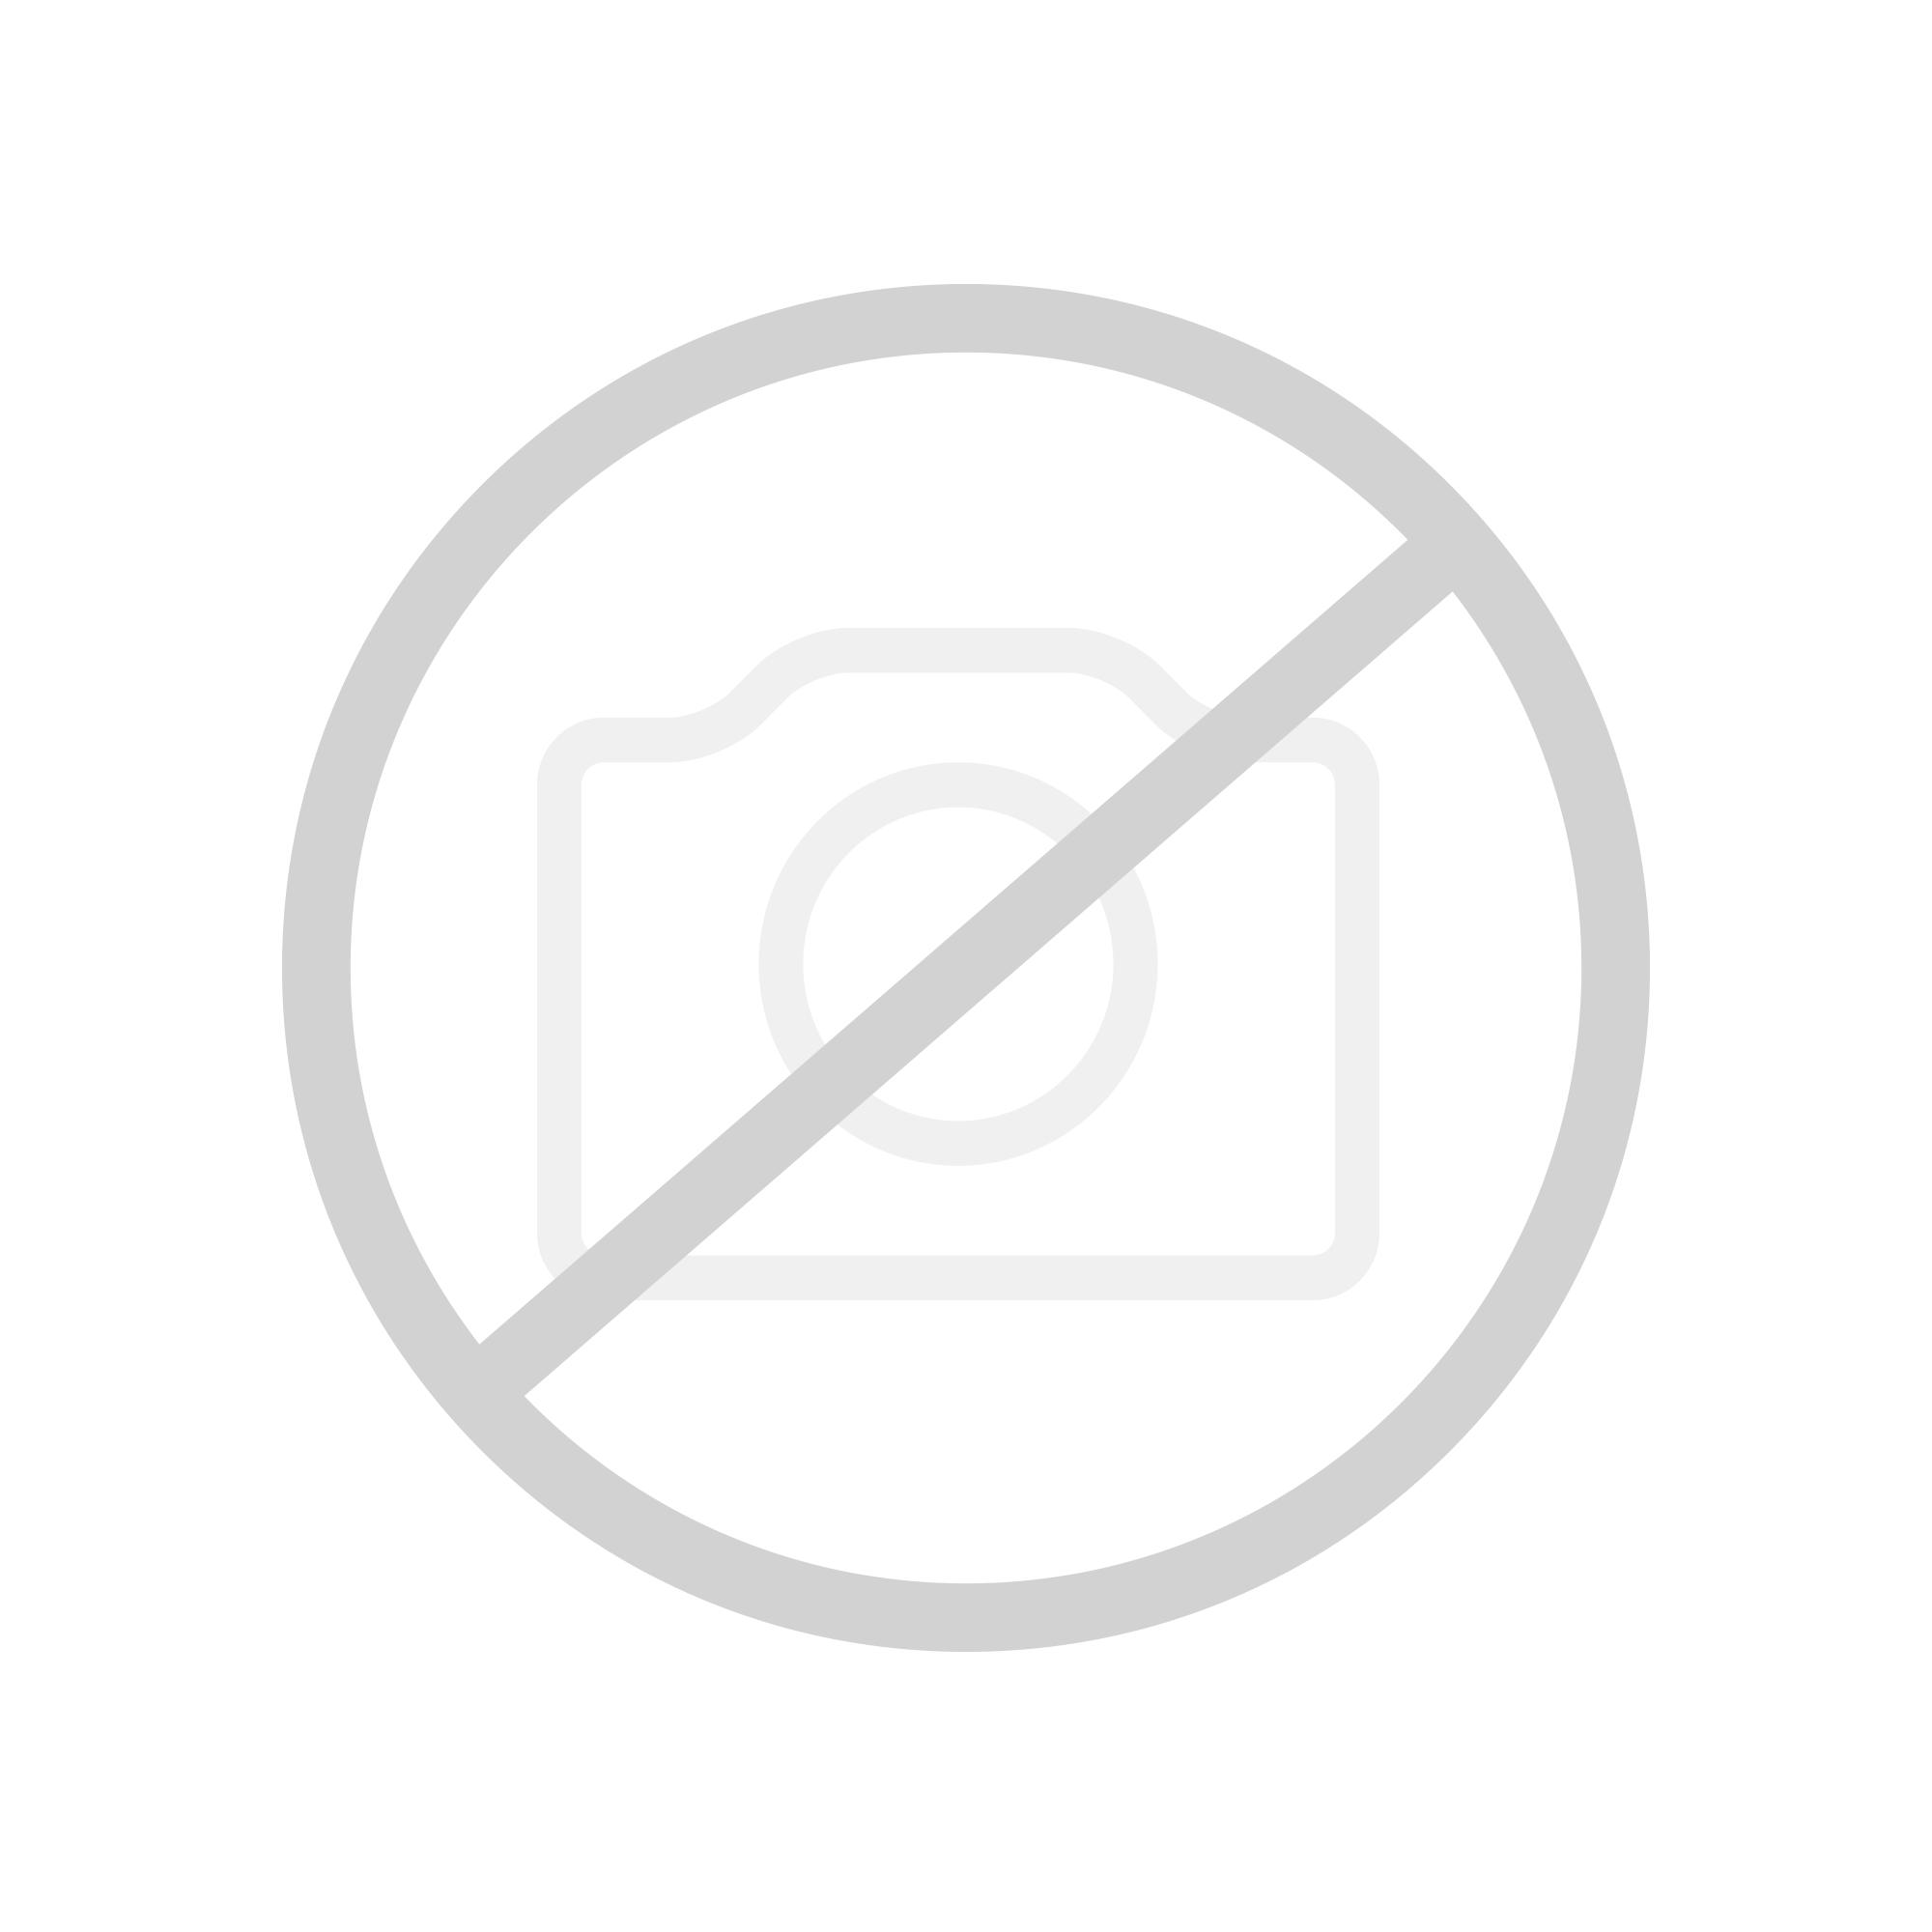 Geberit Duofix Montageelement für Wand-Bidet, 112 cm